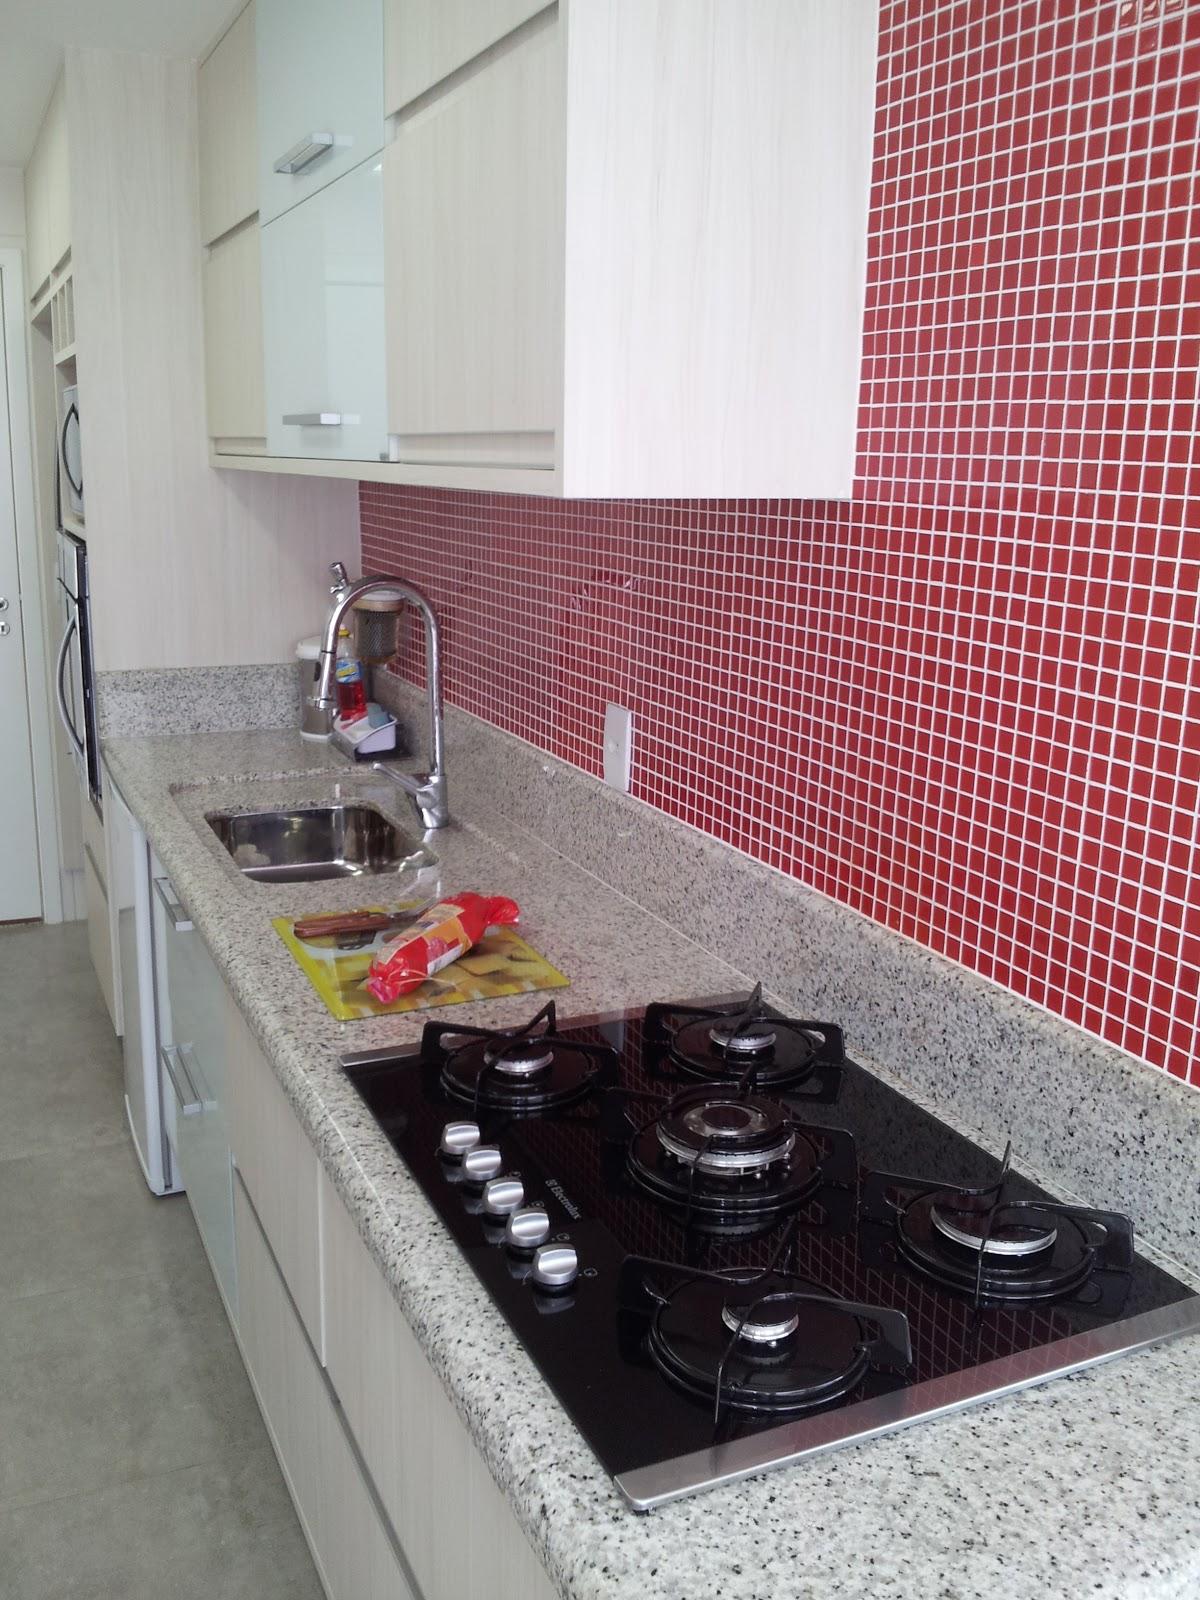 vermelha para a parede sobre toda a bancada. O uso do cooktop ajuda a #90373D 1200x1600 Bancada Banheiro Vermelha